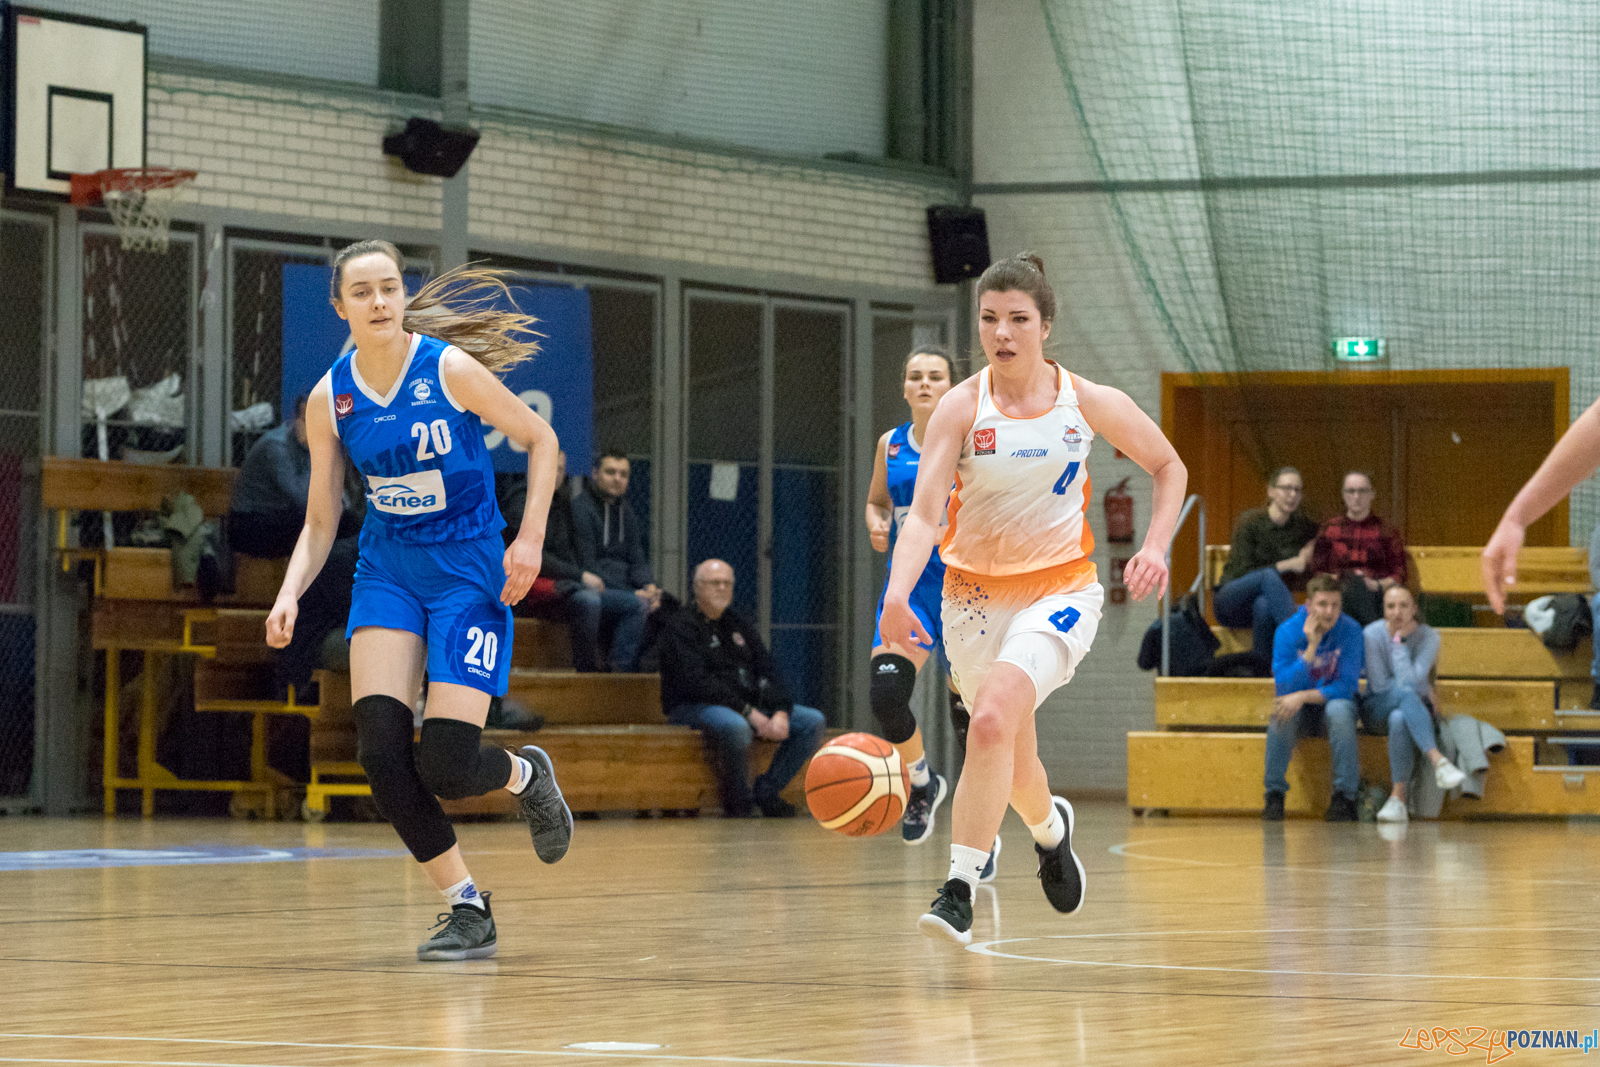 MUKS Poznań vs ENEA AZS AJP II Gorzów Wielkopolski Play Off  Foto: lepszyPOZNAN.pl/Piotr Rychter